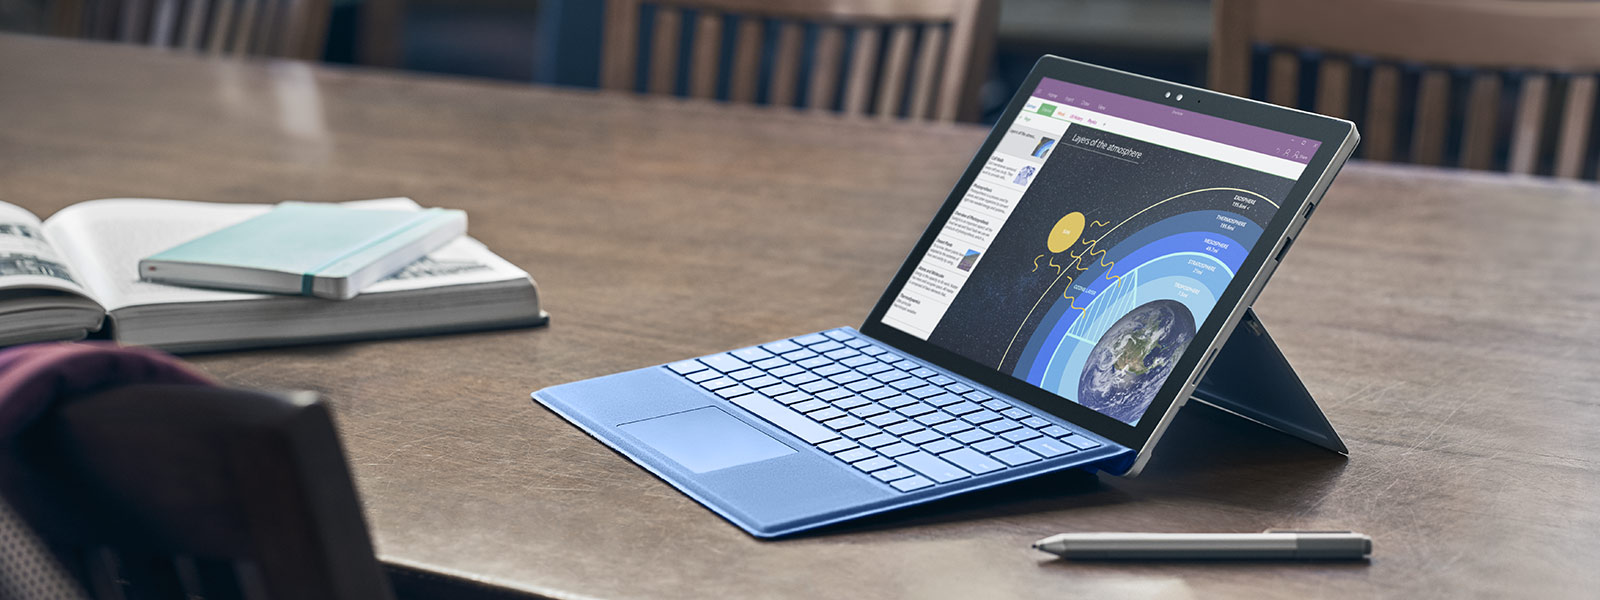 Surface Pro 4 في وضع Pro 4 مع قلم Surface Pen والماوس.